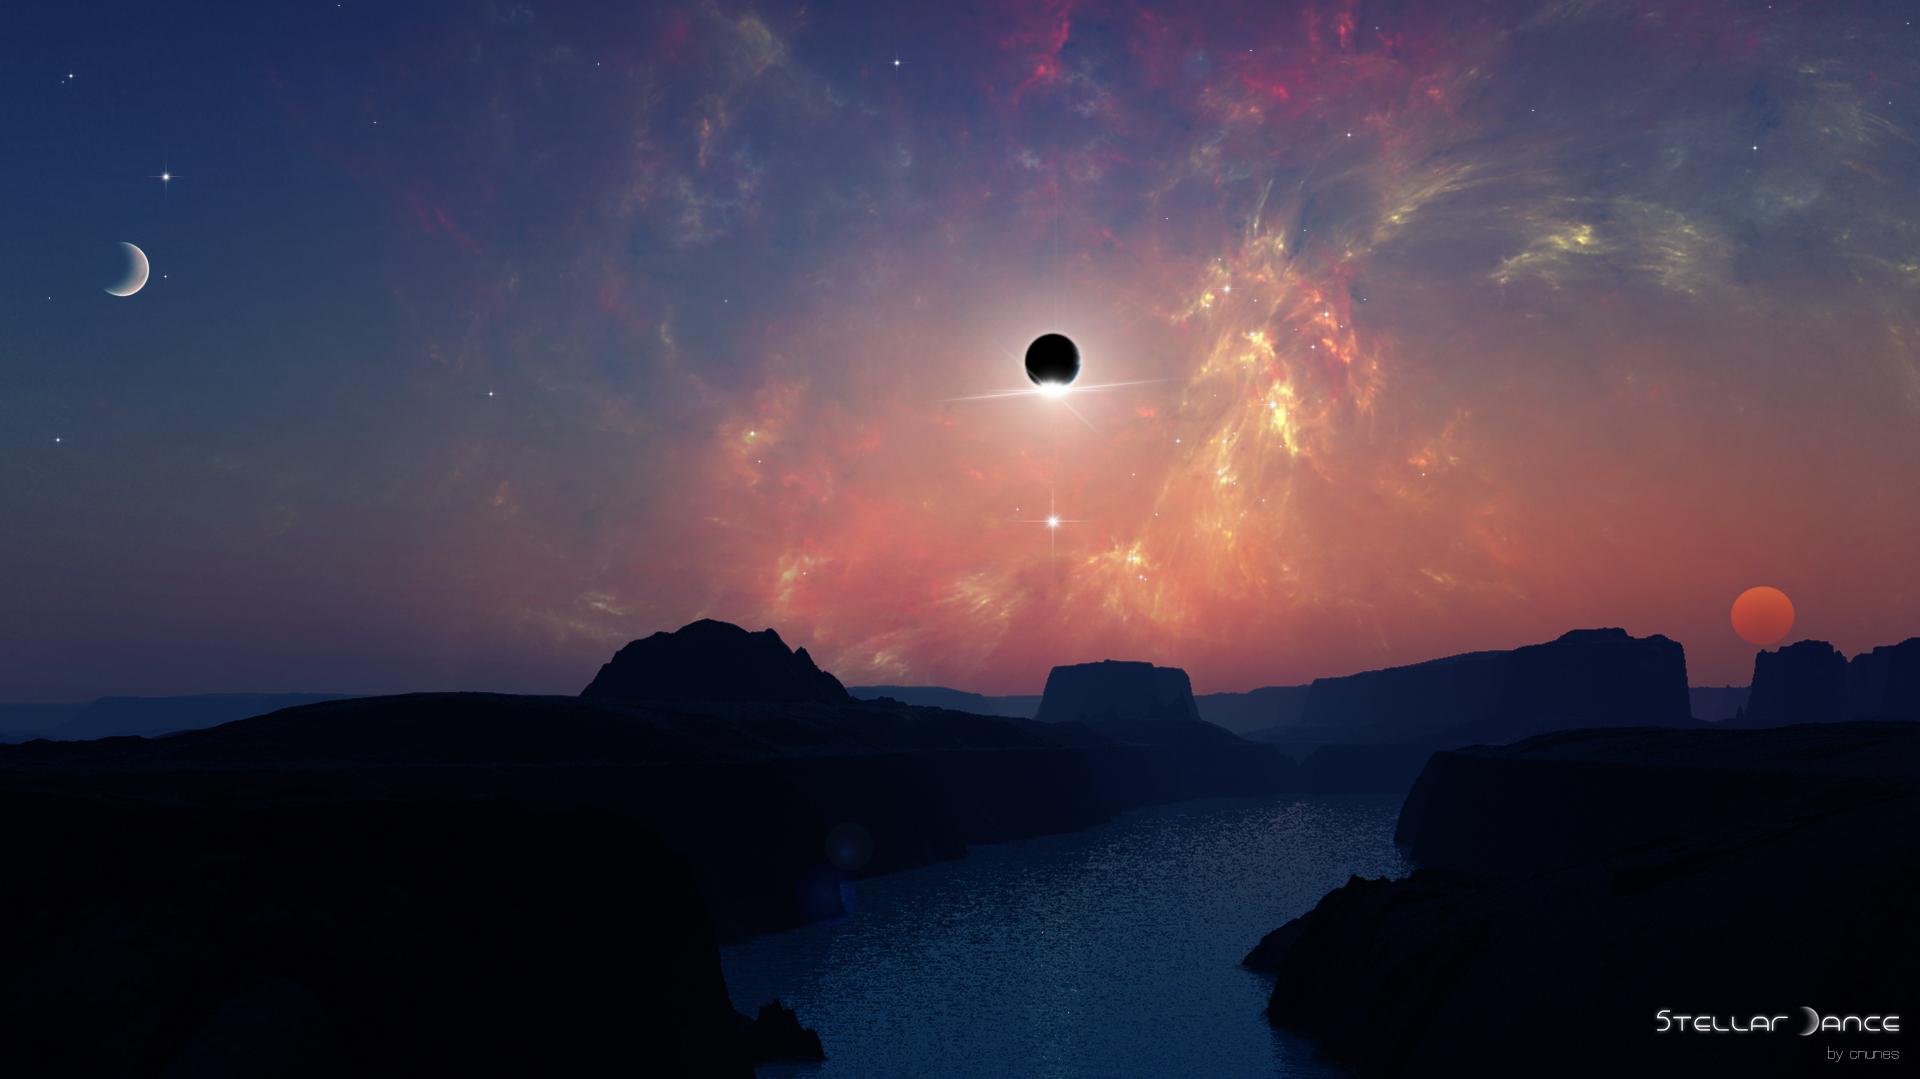 Stellar Dance by CNunes